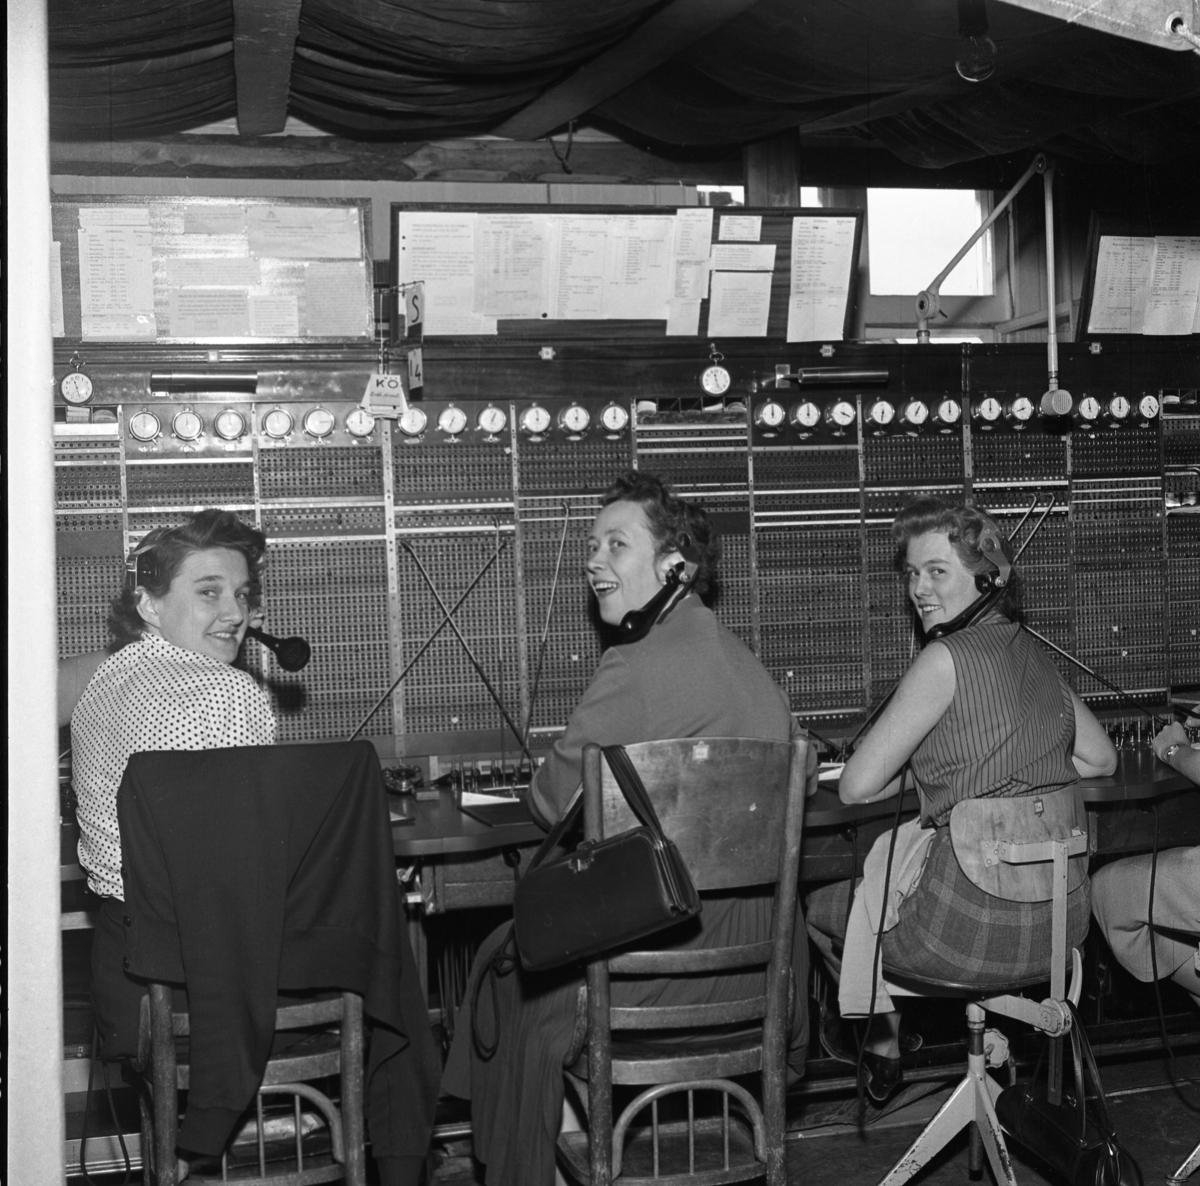 Telefonisterna fortsätter sitt arbete vid växelborden trots skadorna efter branden i fastigheten. En presenning är spänd över arbetsplatsen för att inte vatten, från släckningsarbetet, ska skada växeln. Klockorna, som hänger på rad, visar hur många perioder samtalen varat. Kvinnorna har en telefonlur hängande intill örat. Från vänster: okänd, Alice Ståhl och Britt Johansson. Televerket låg på Nygatan. Läs om Telefonen i Arboga och branden på Televerket 1956 i Arboga Minnes årsbok 1993.